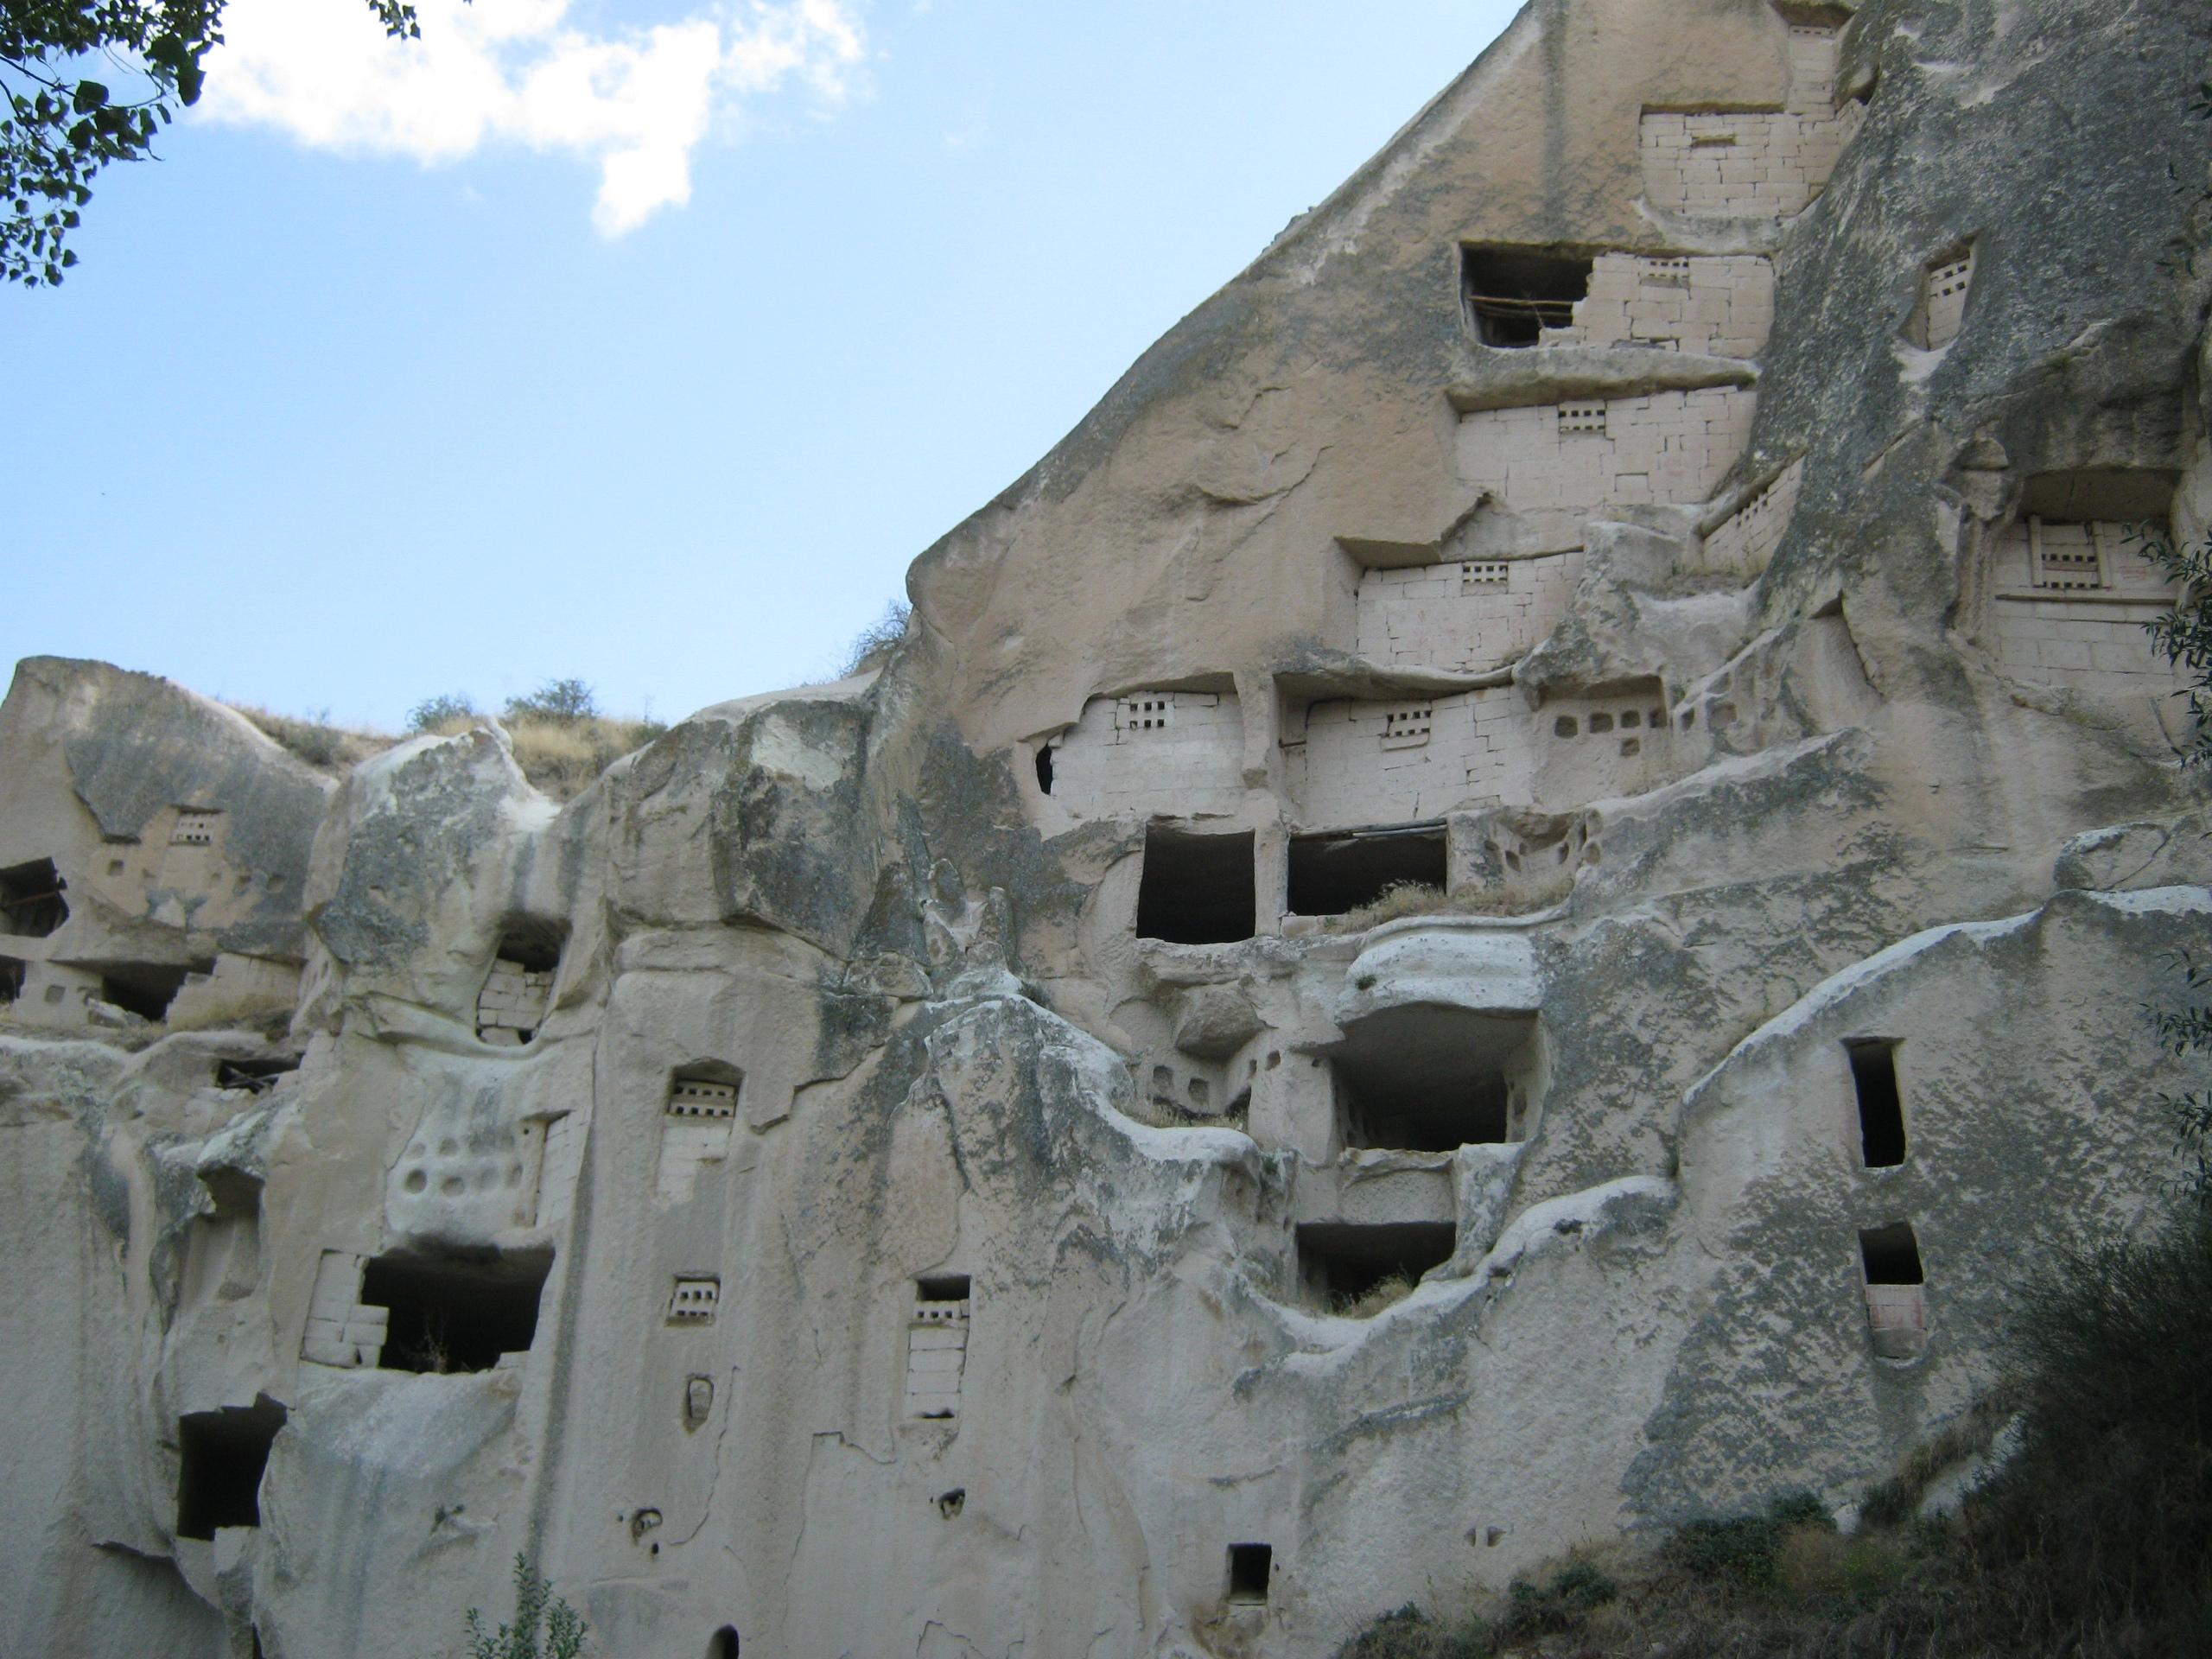 скопление многоэтажных голубятен в долине Гомеда